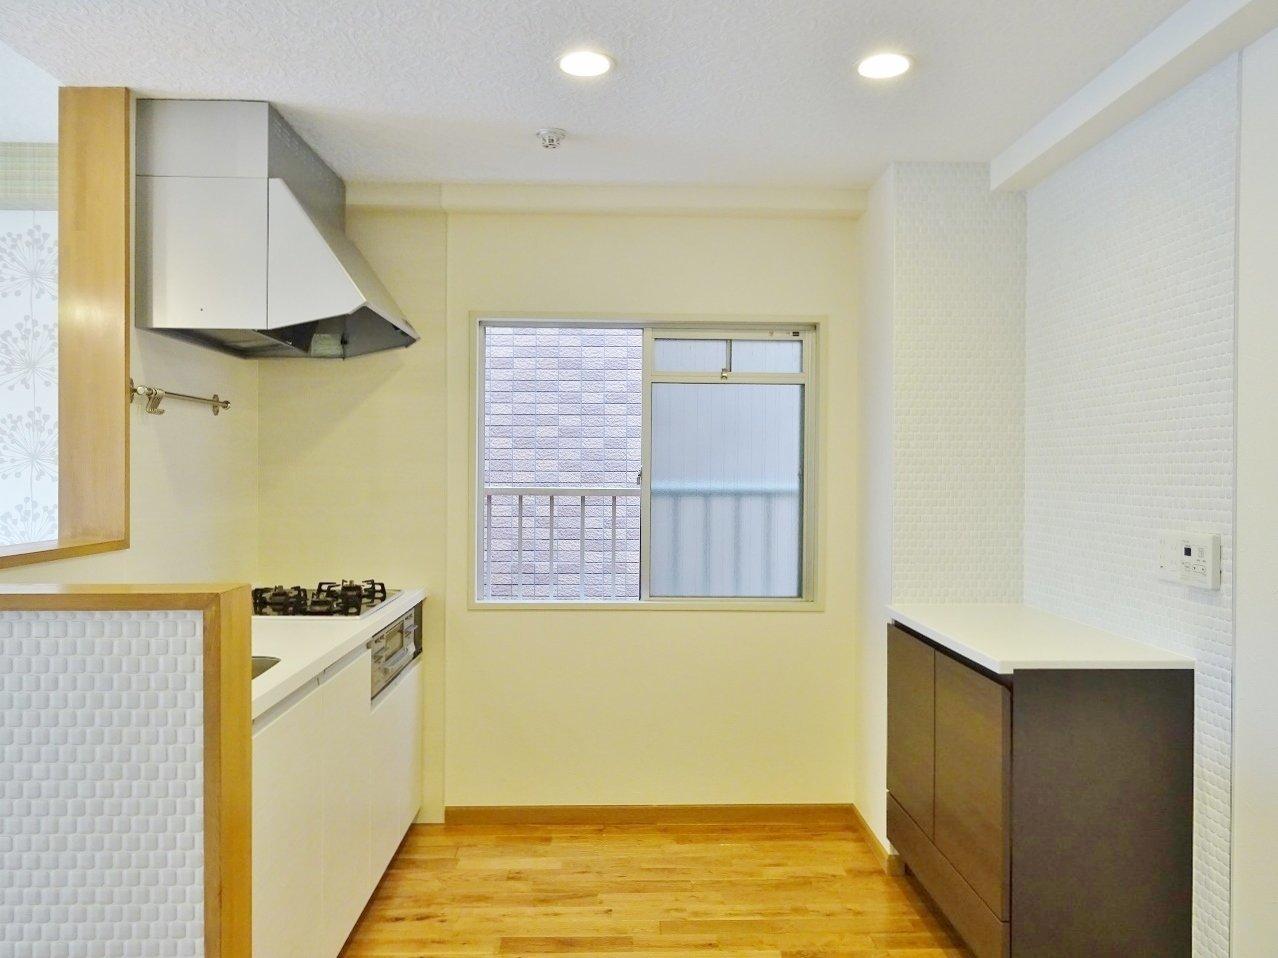 キッチンもこの余裕のある広さでシステムキッチン搭載。機能面でも、デザイン面でも見劣りしないお部屋なんです。